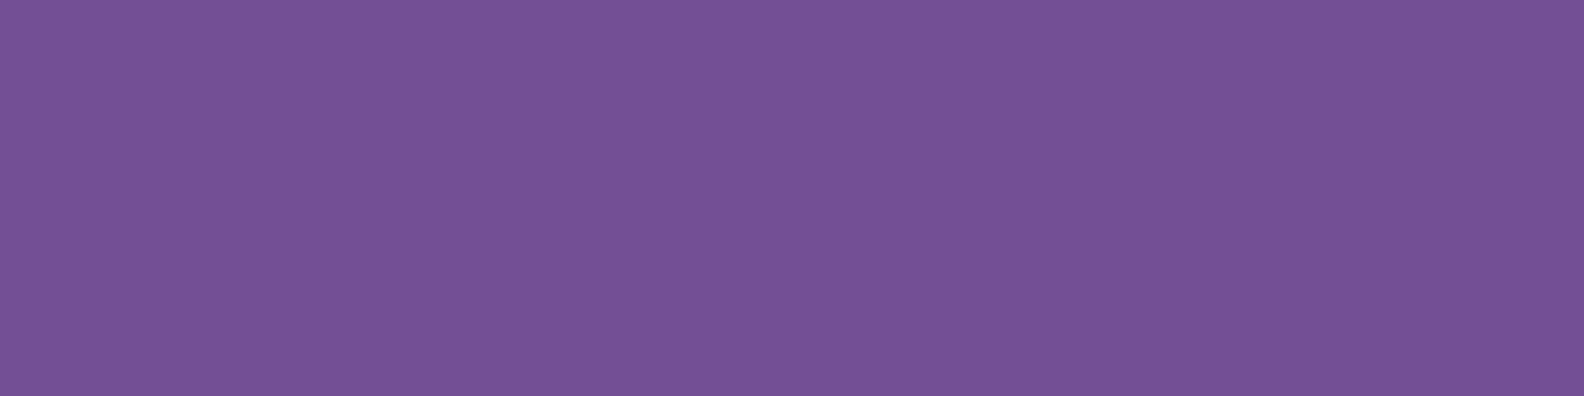 1584x396 Dark Lavender Solid Color Background